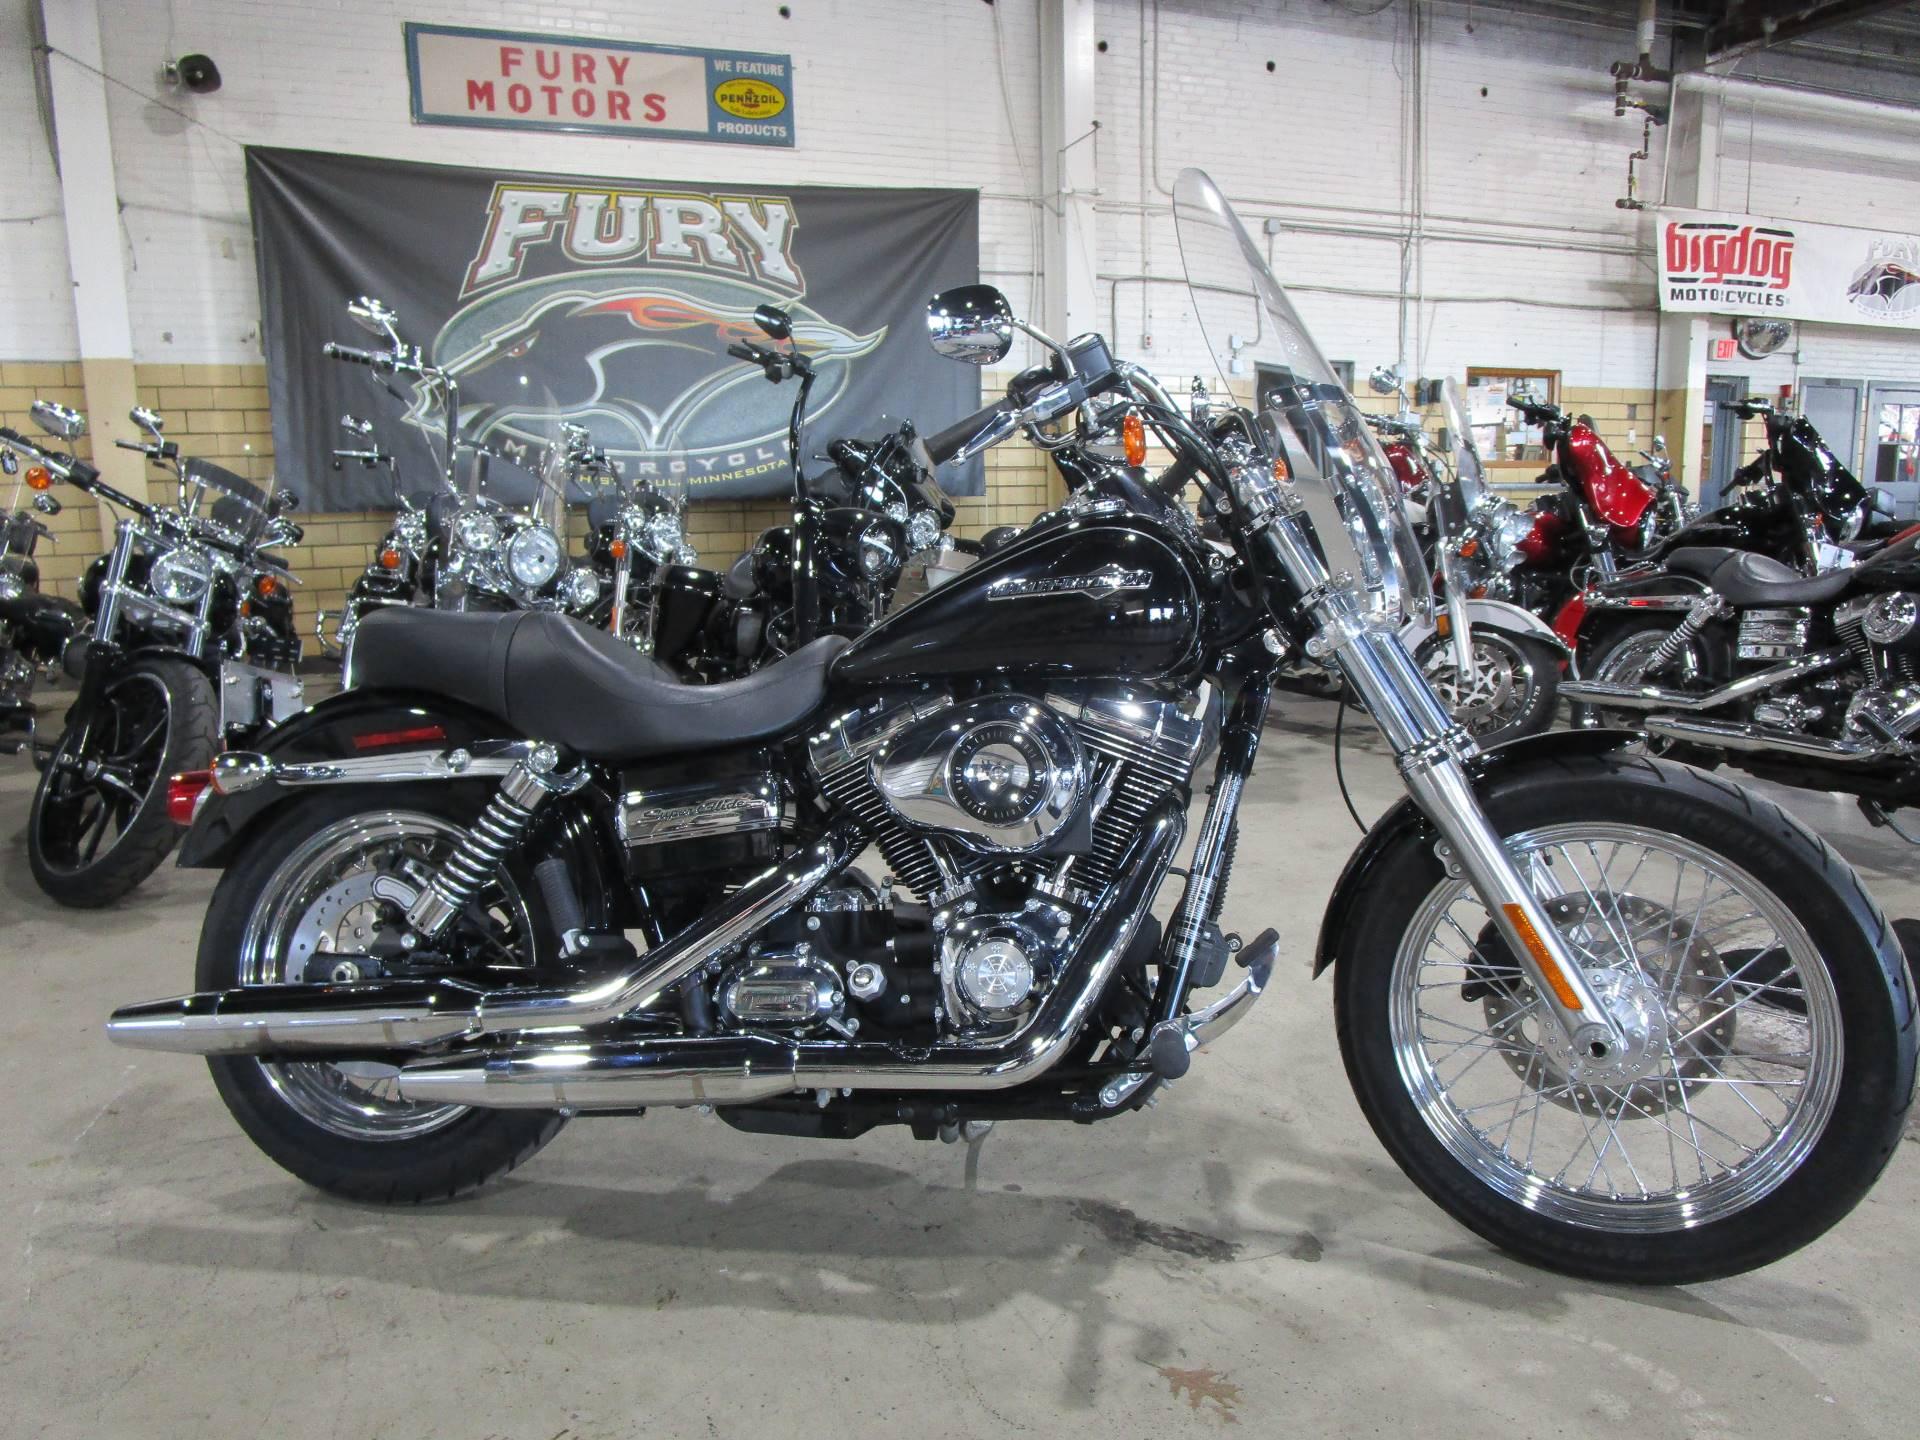 2011 Harley-Davidson Dyna Super Glide Custom for sale 19577